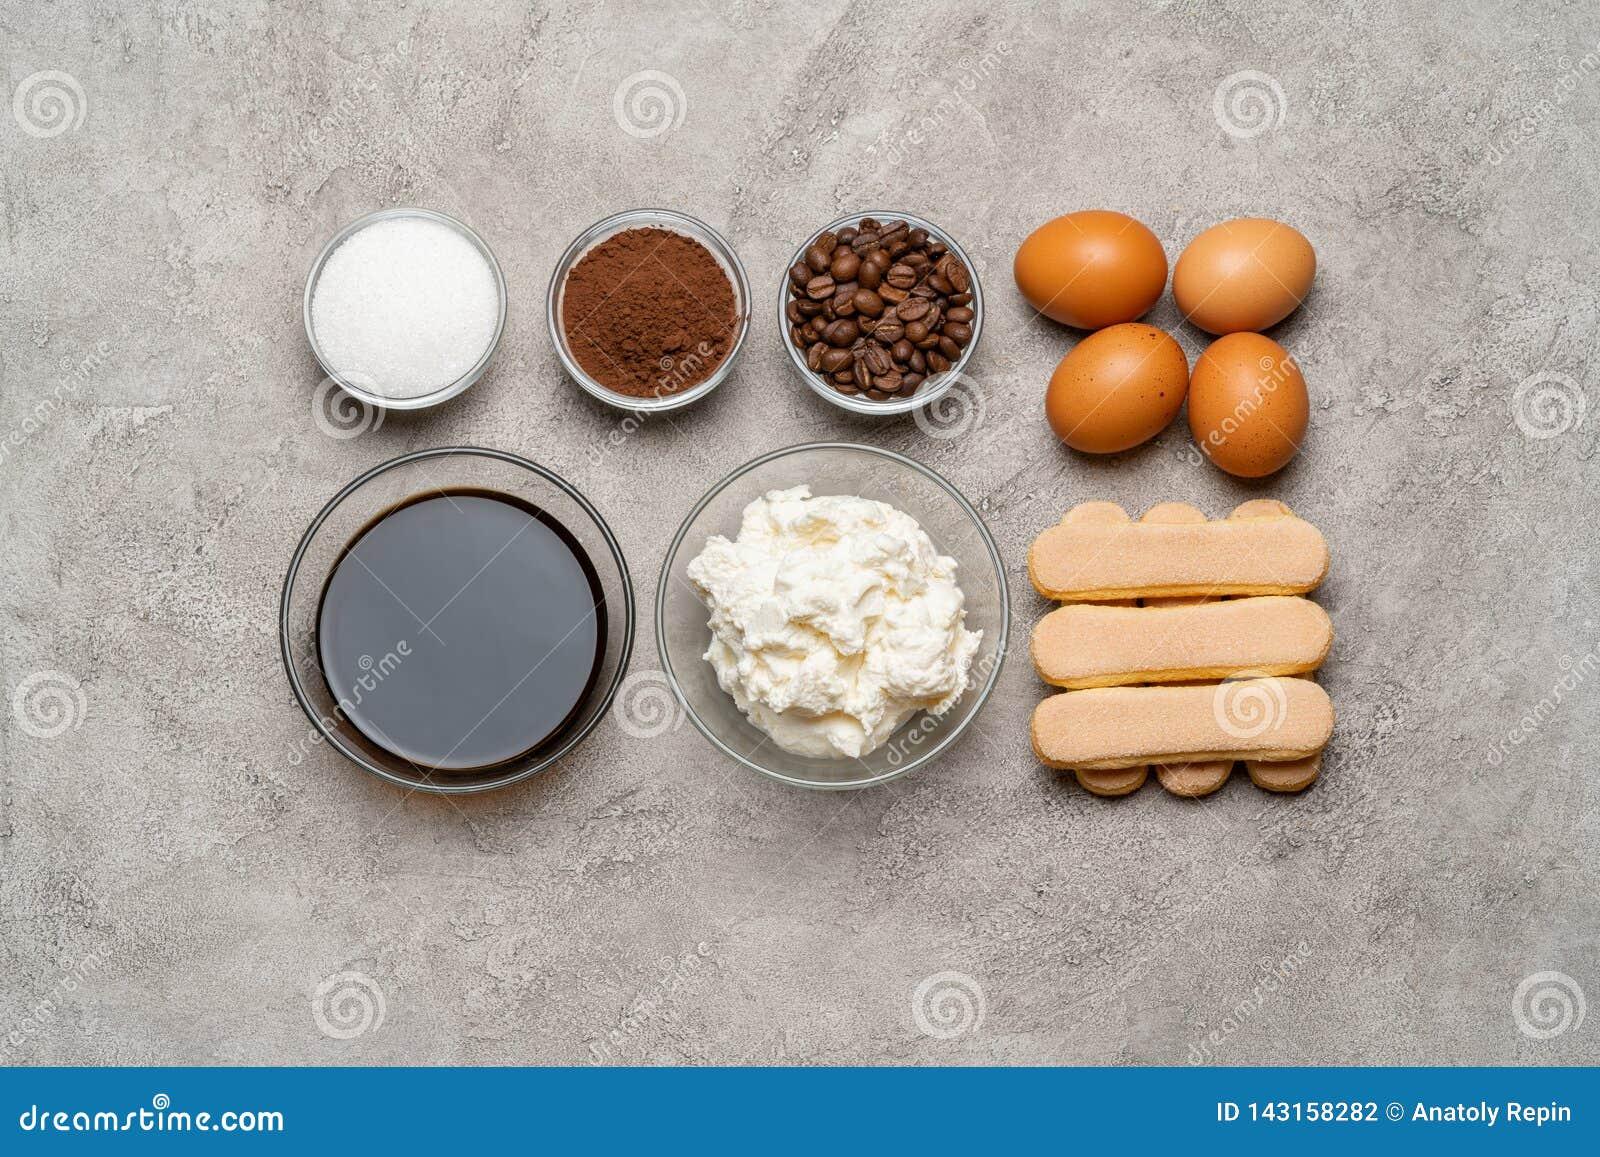 Ingredienser för att laga mat tiramisuen - Savoiardi ljusbruna kakor, mascarpone, ost, socker, kakao, kaffe och ägg